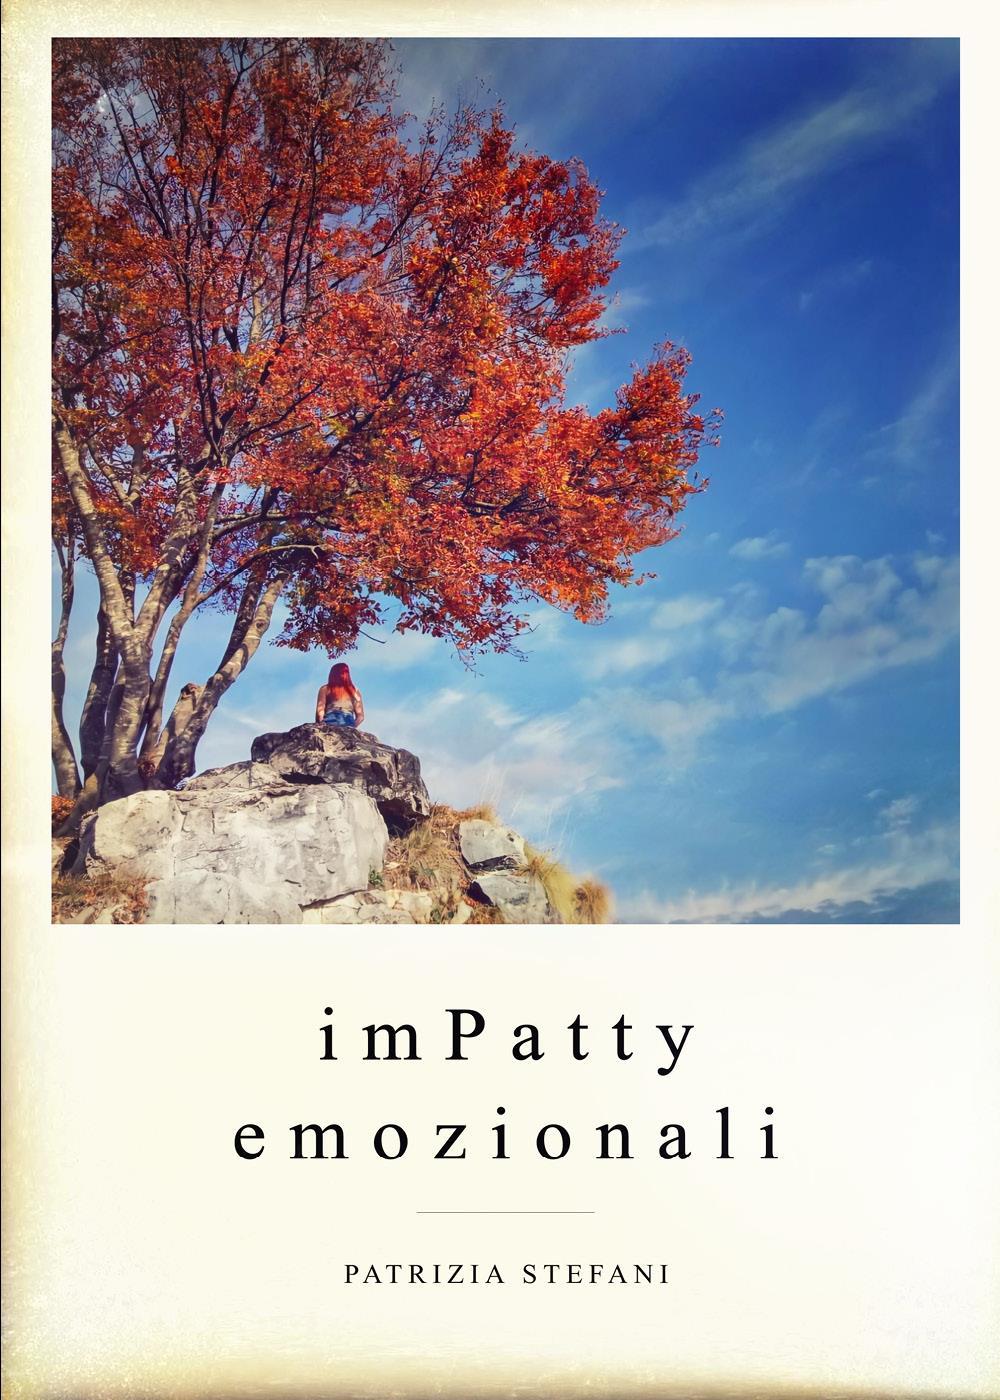 imPatty emozionali